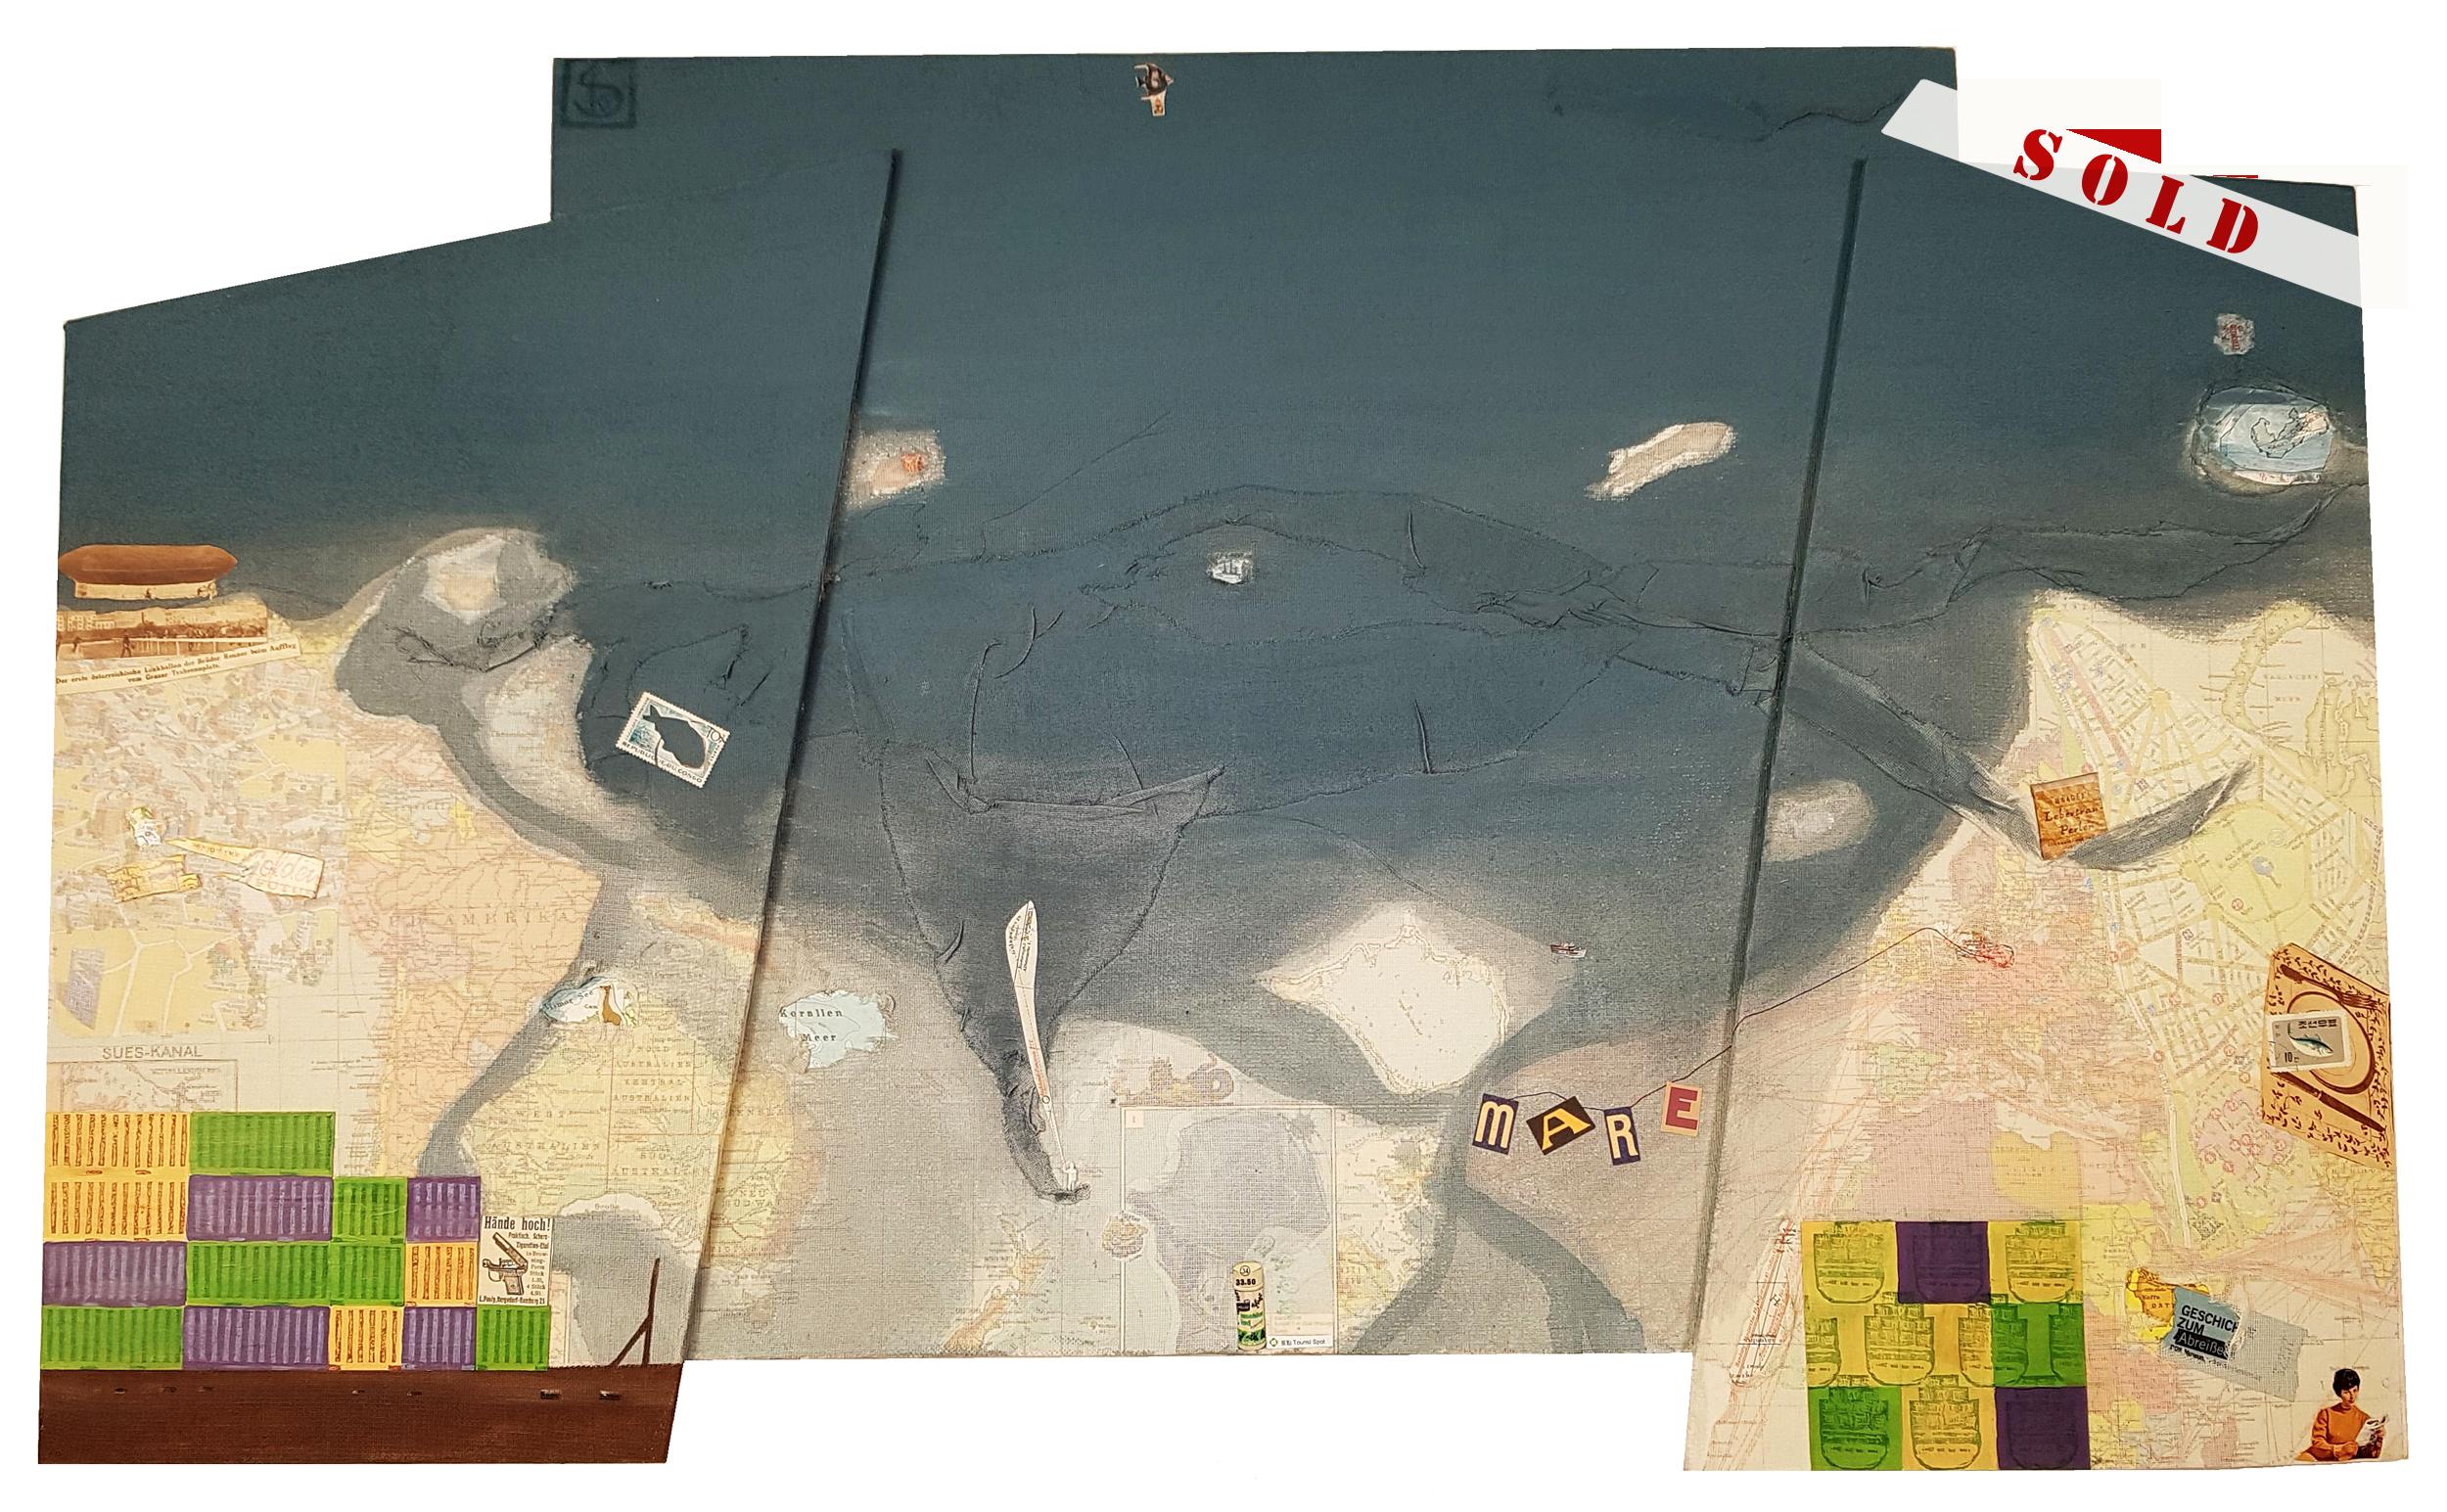 mare - 96 x 60 cm / 37,8 x 23,6 in